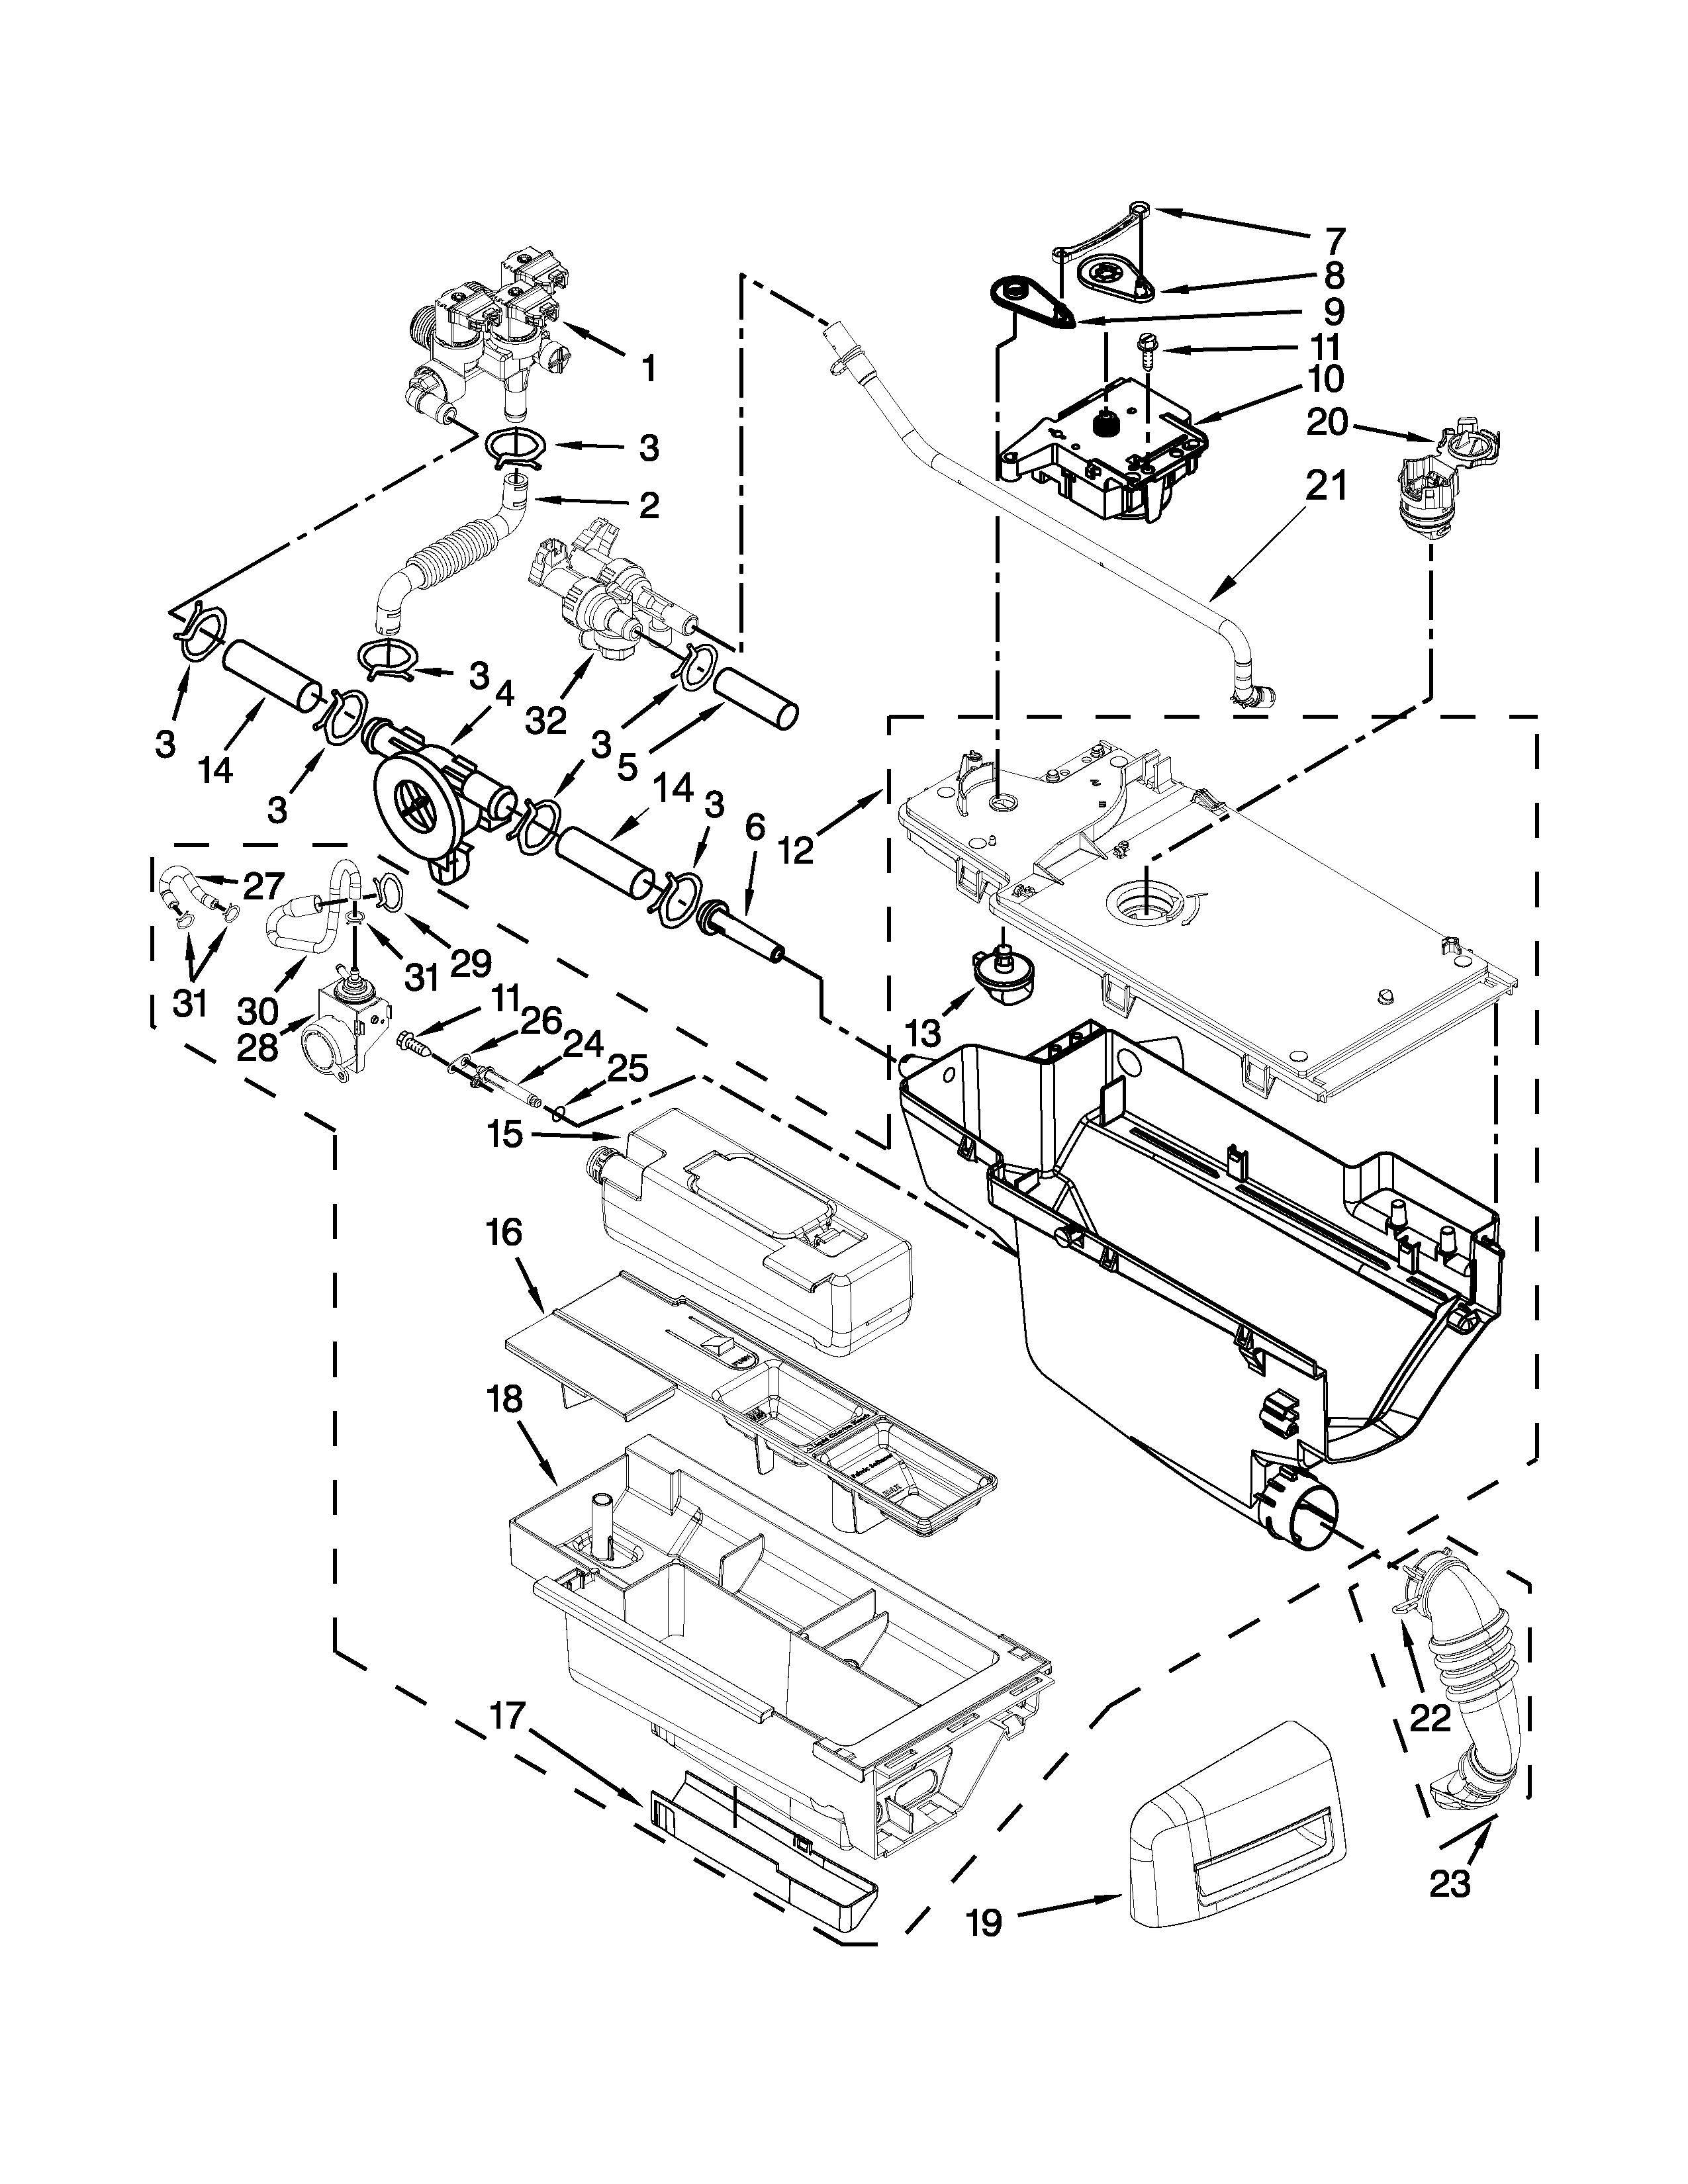 Maytag model MHW9000YW0 residential washers genuine parts